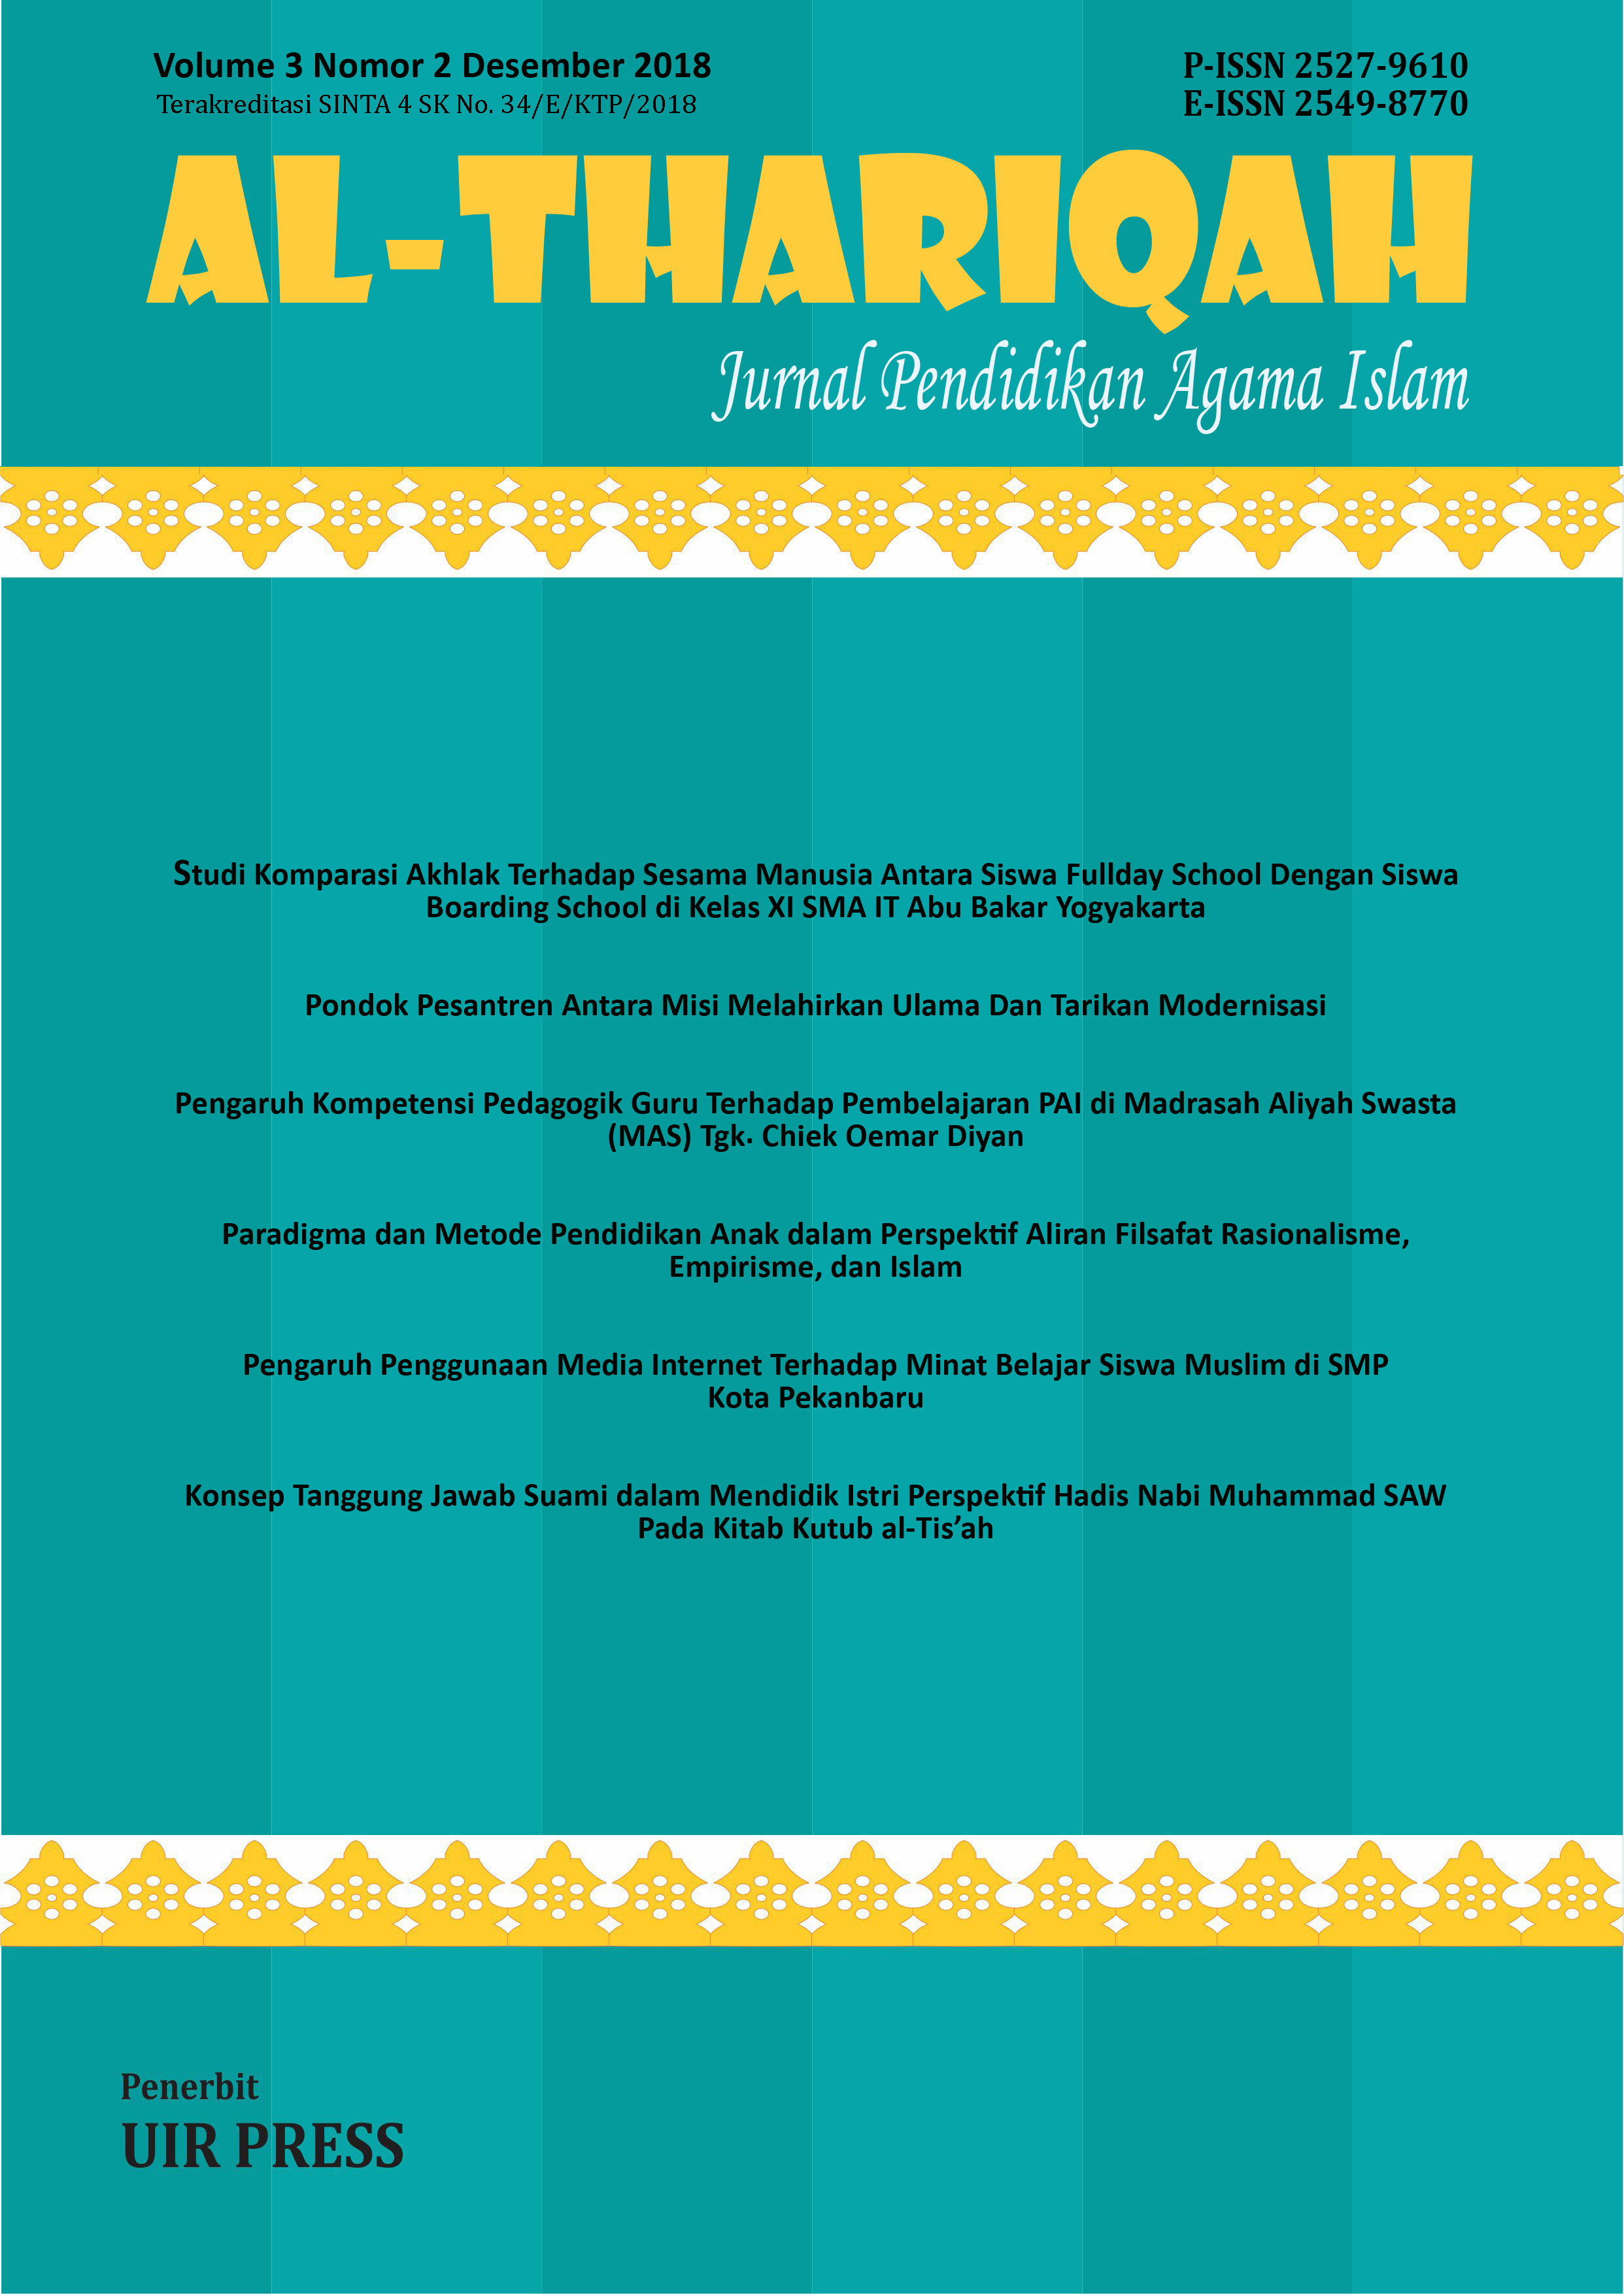 Vol 3 No 2 2018 Jurnal Pendidikan Agama Islam Al Thariqah Jurnal Pendidikan Agama Islam Al Thariqah